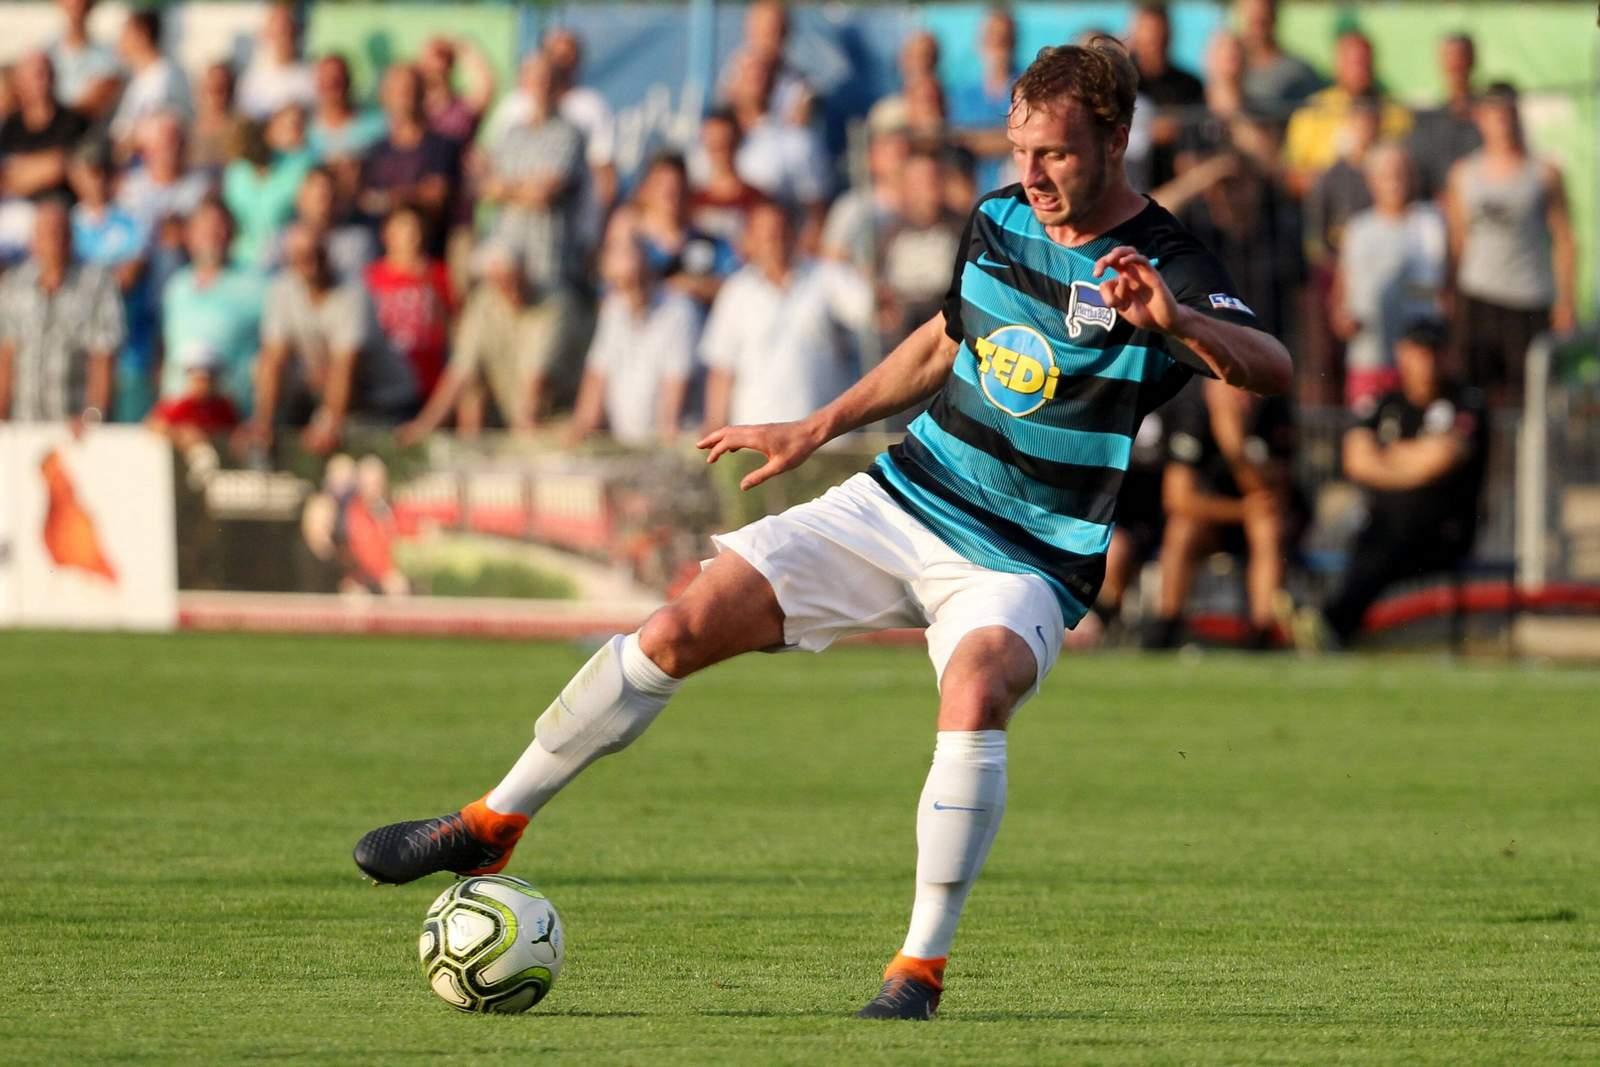 Florian Egerer im Trikot von Hertha BSC